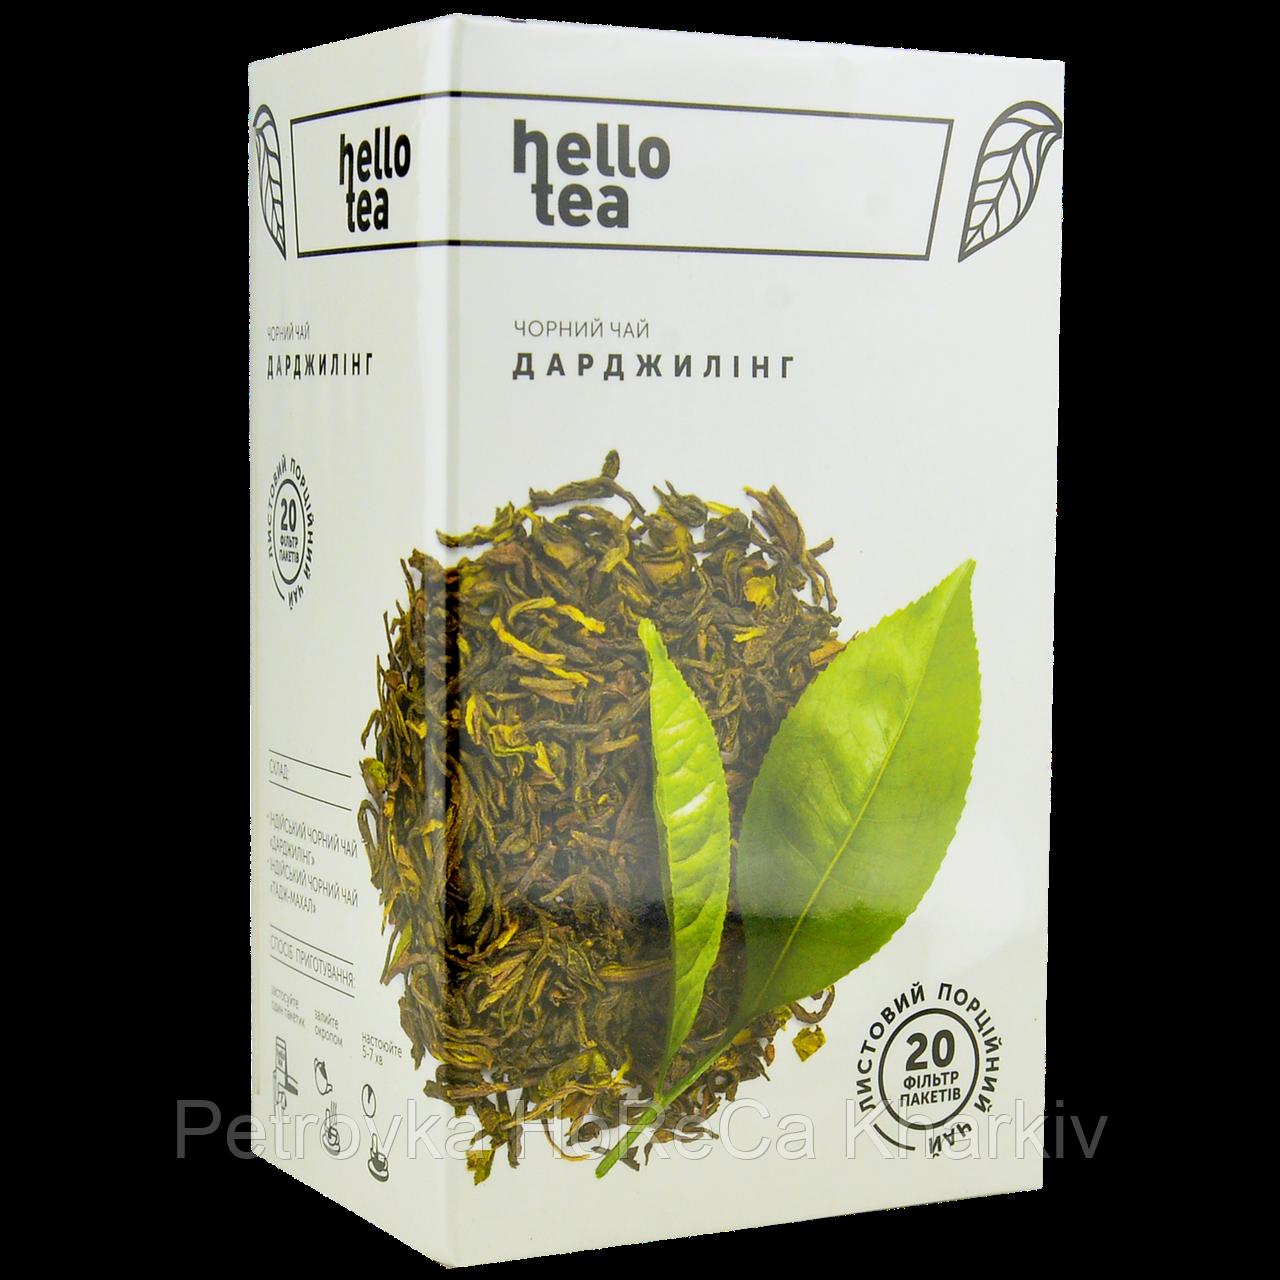 Чай Hello tea Black (1уп/20шт) Чорний